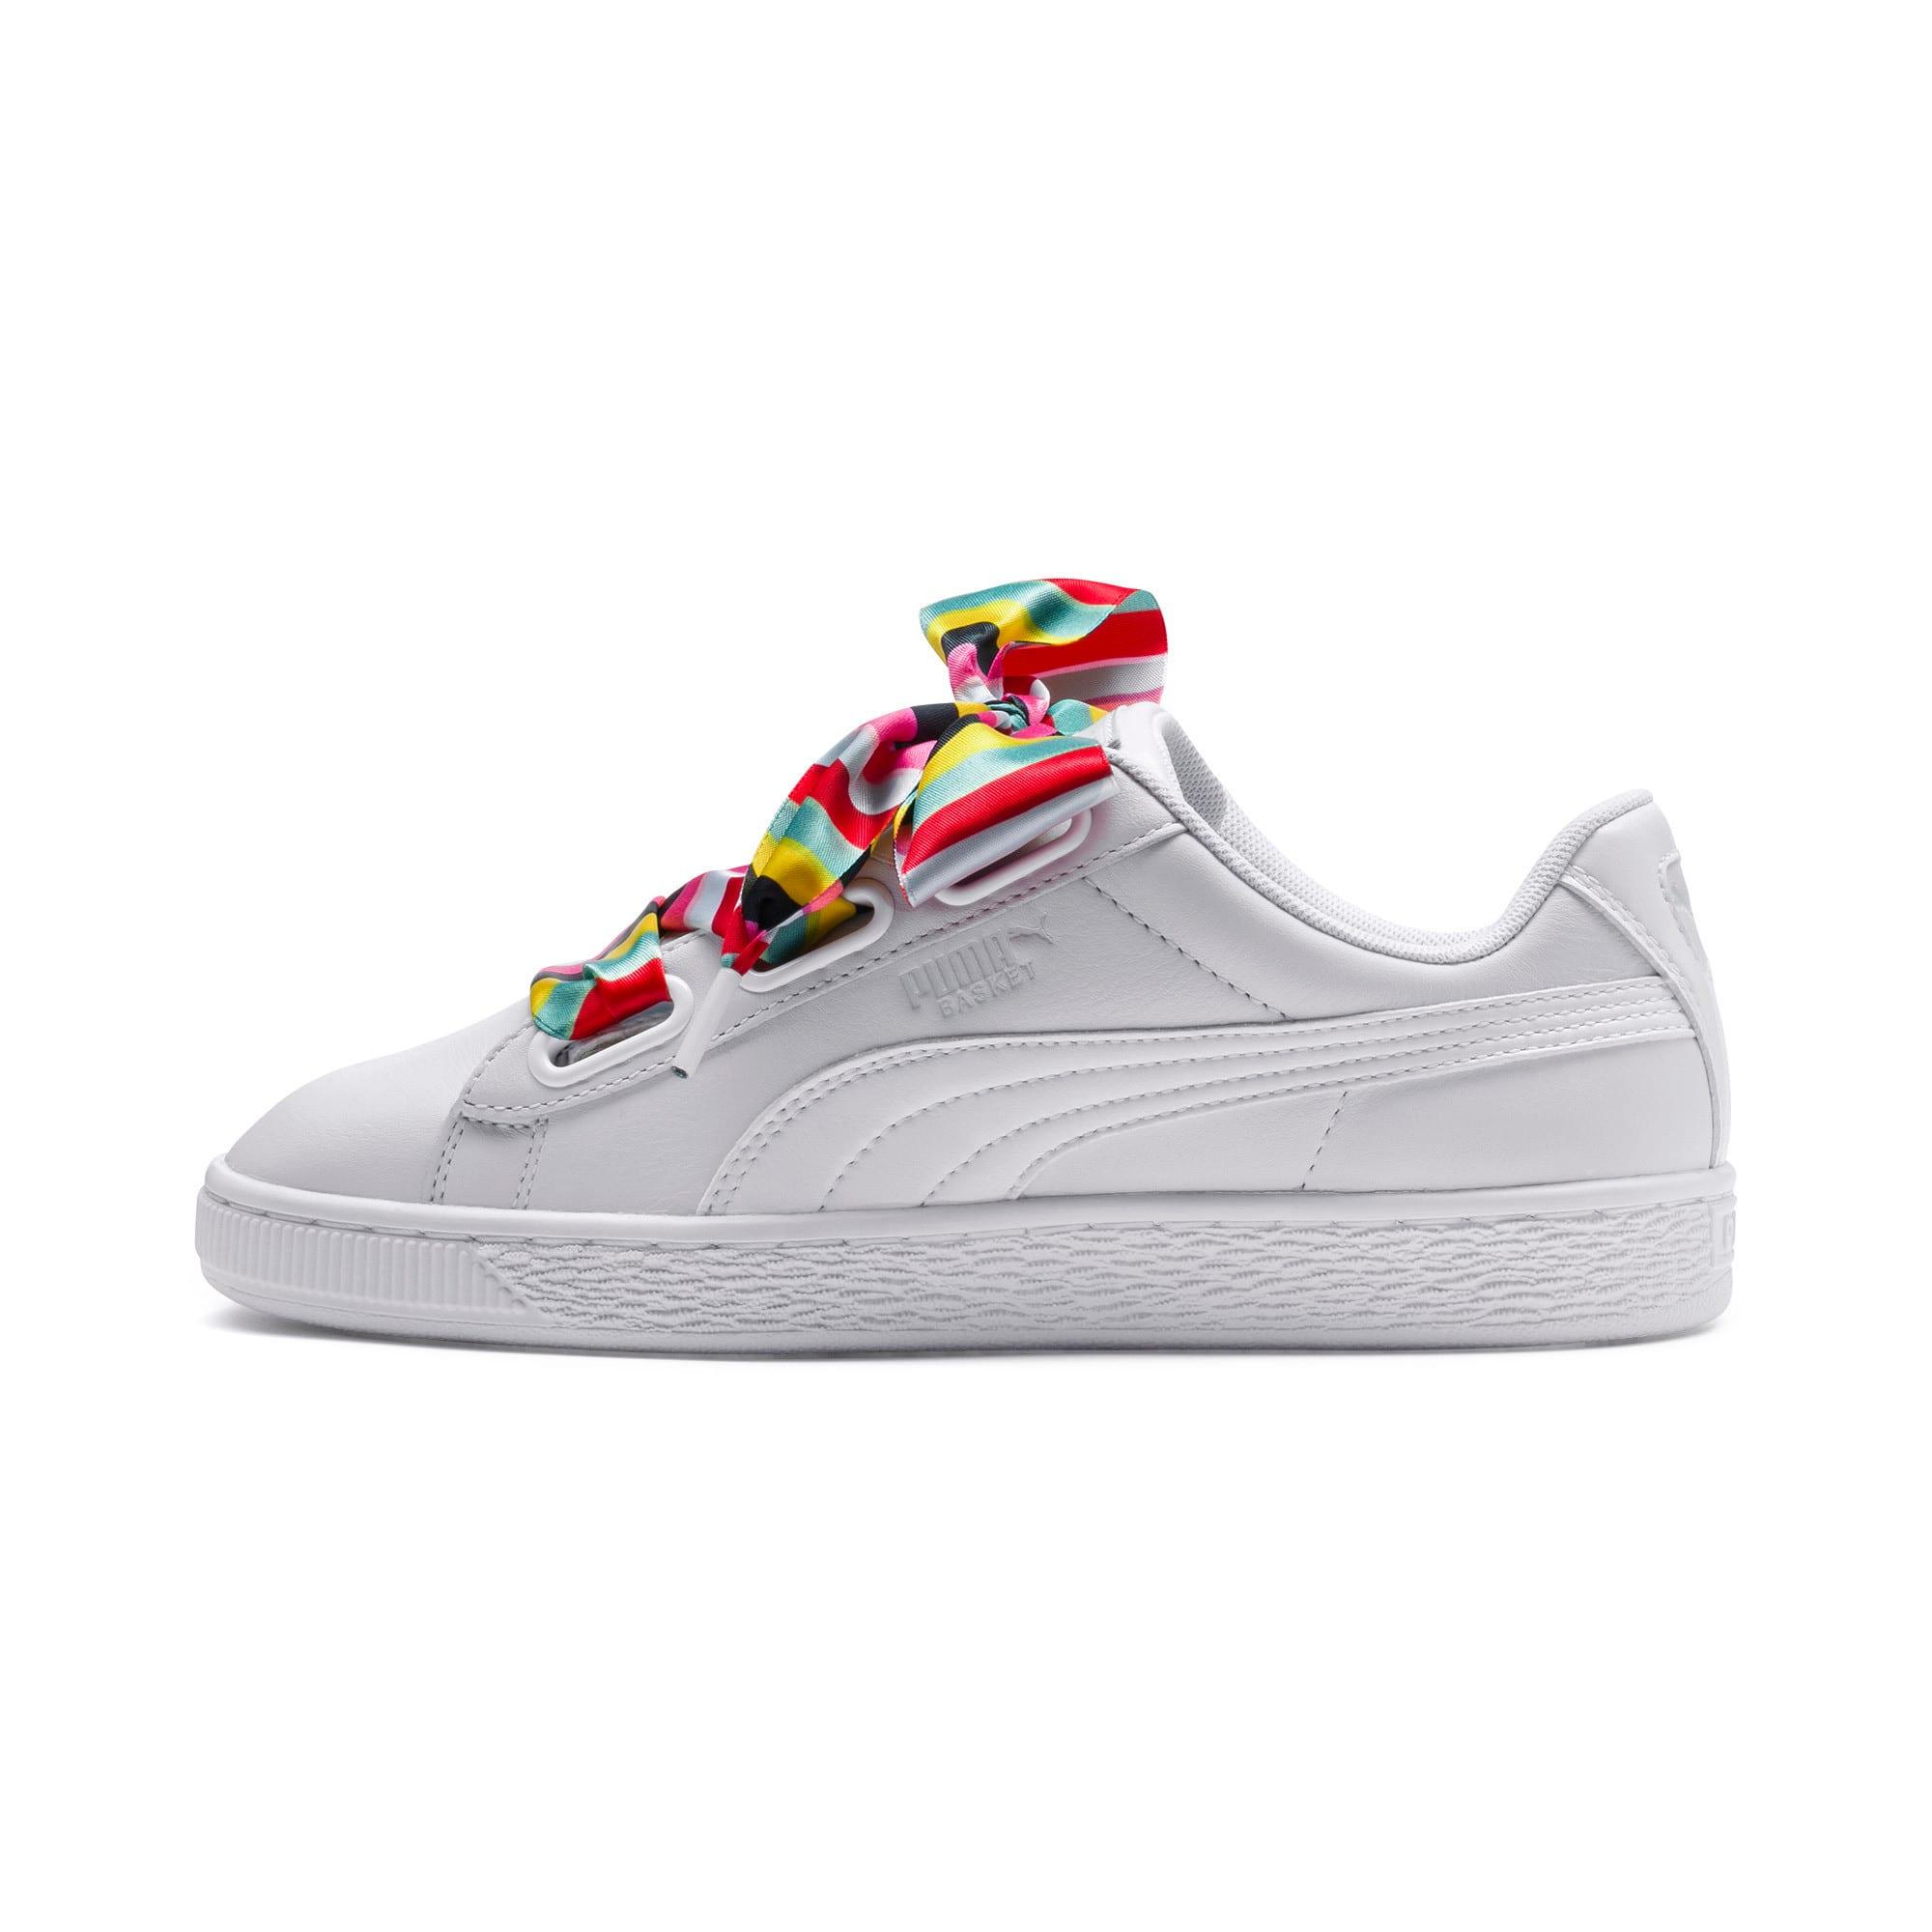 wholesale dealer 617f2 c9714 Basket Heart Gen Hustle Women's Sneakers